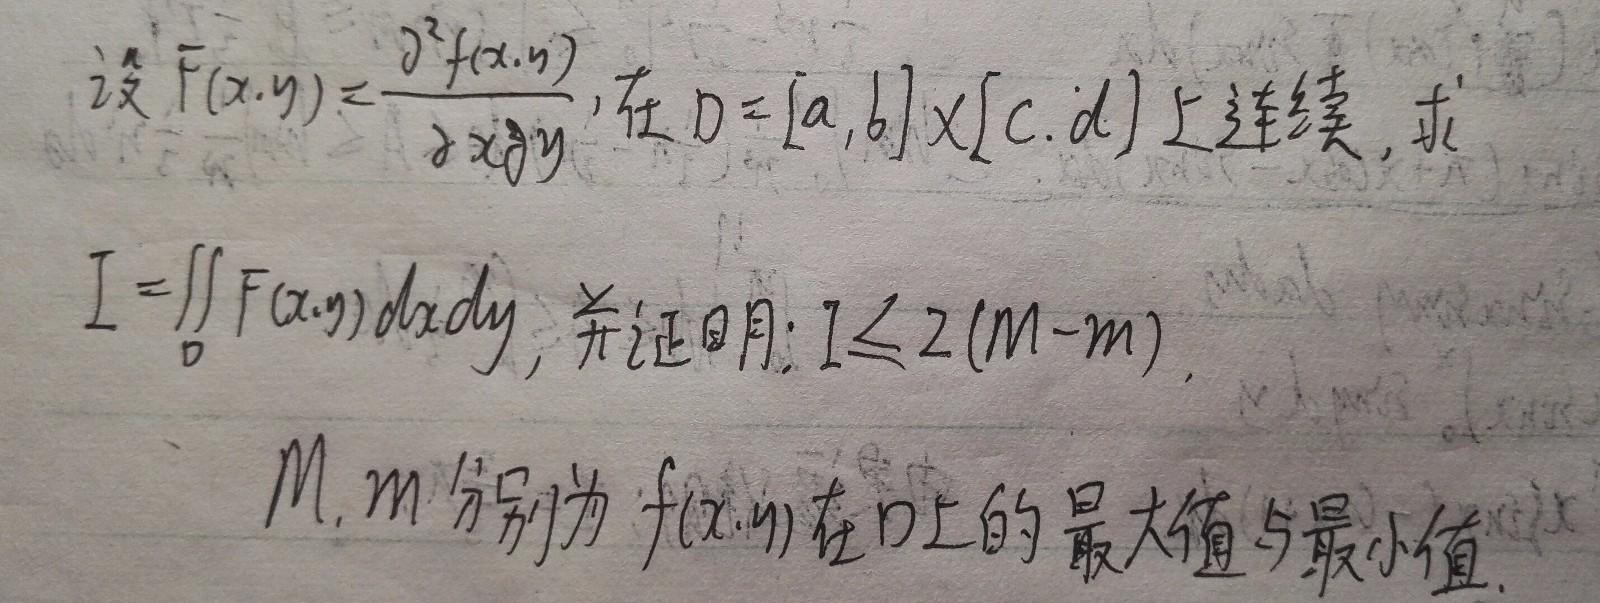 小学教师�y.i�f�x�_计算二重积分,并证明i≤2(m-m),m,m分别为f(x,y)在d上